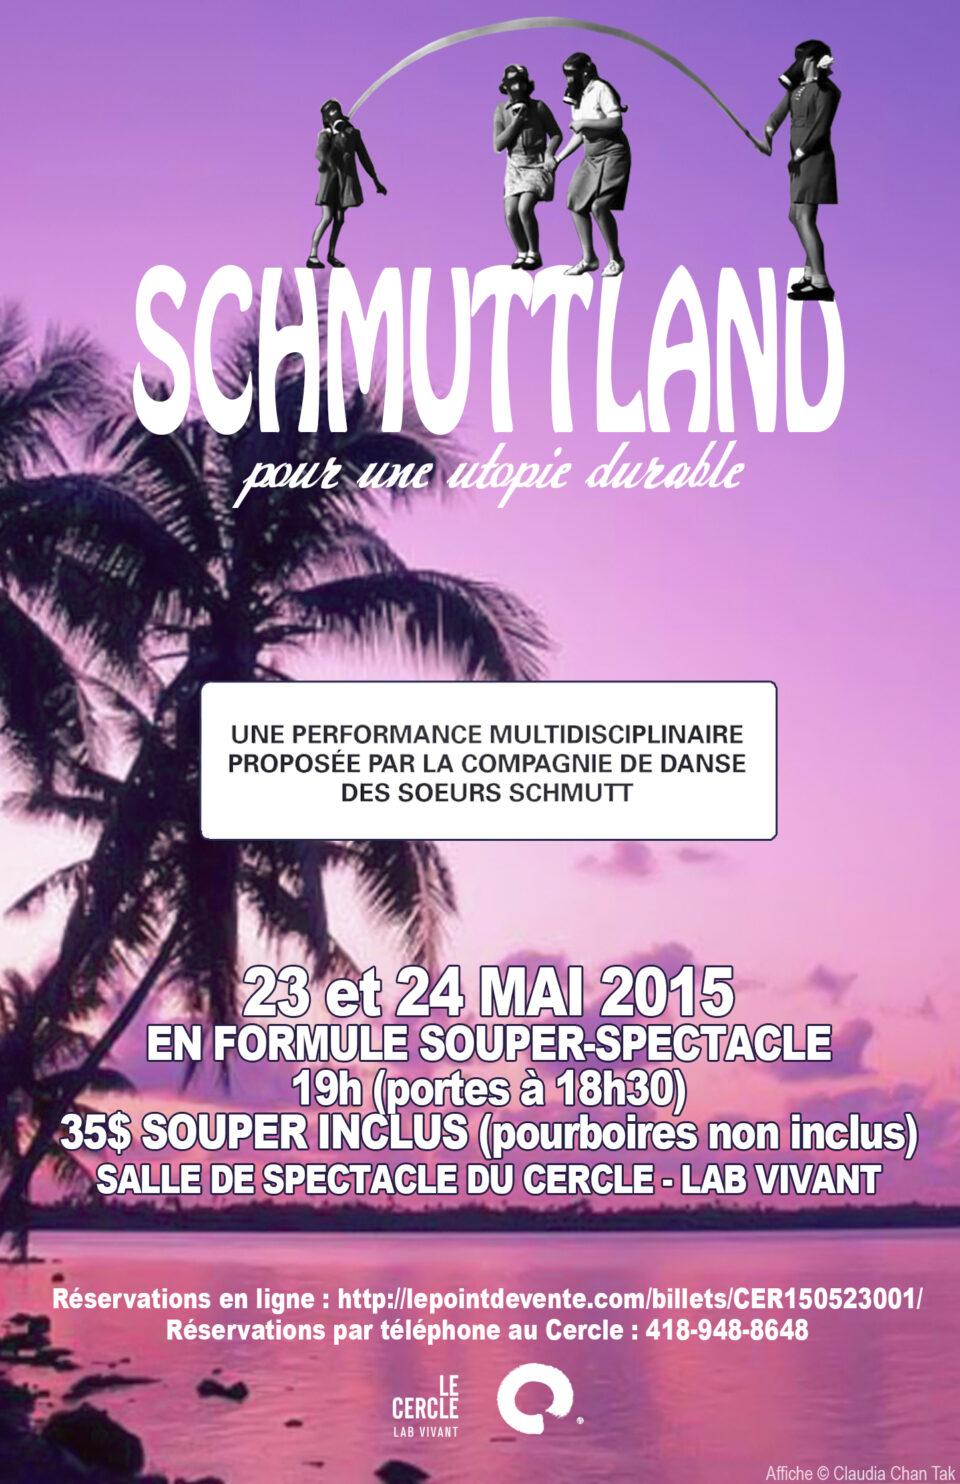 Schmuttland, pour une utopie durable! 23 et 24 mai à 19 h au Cercle